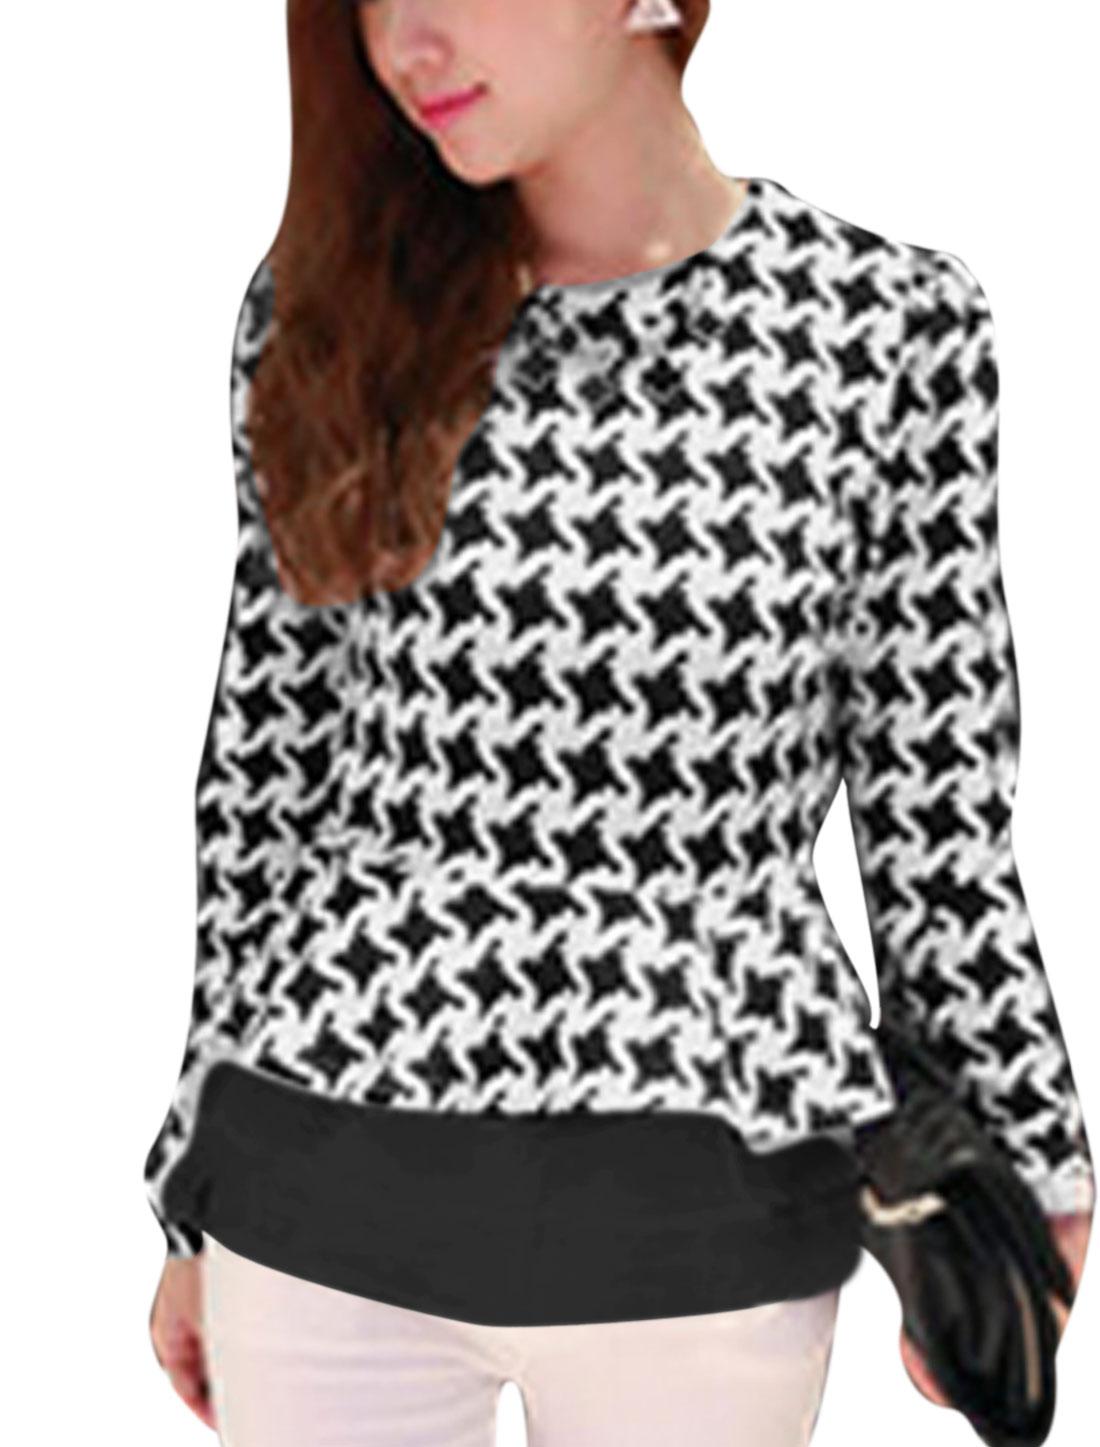 Women Houndstooth Long Sleeves Slim Fit Peplum Top Black S